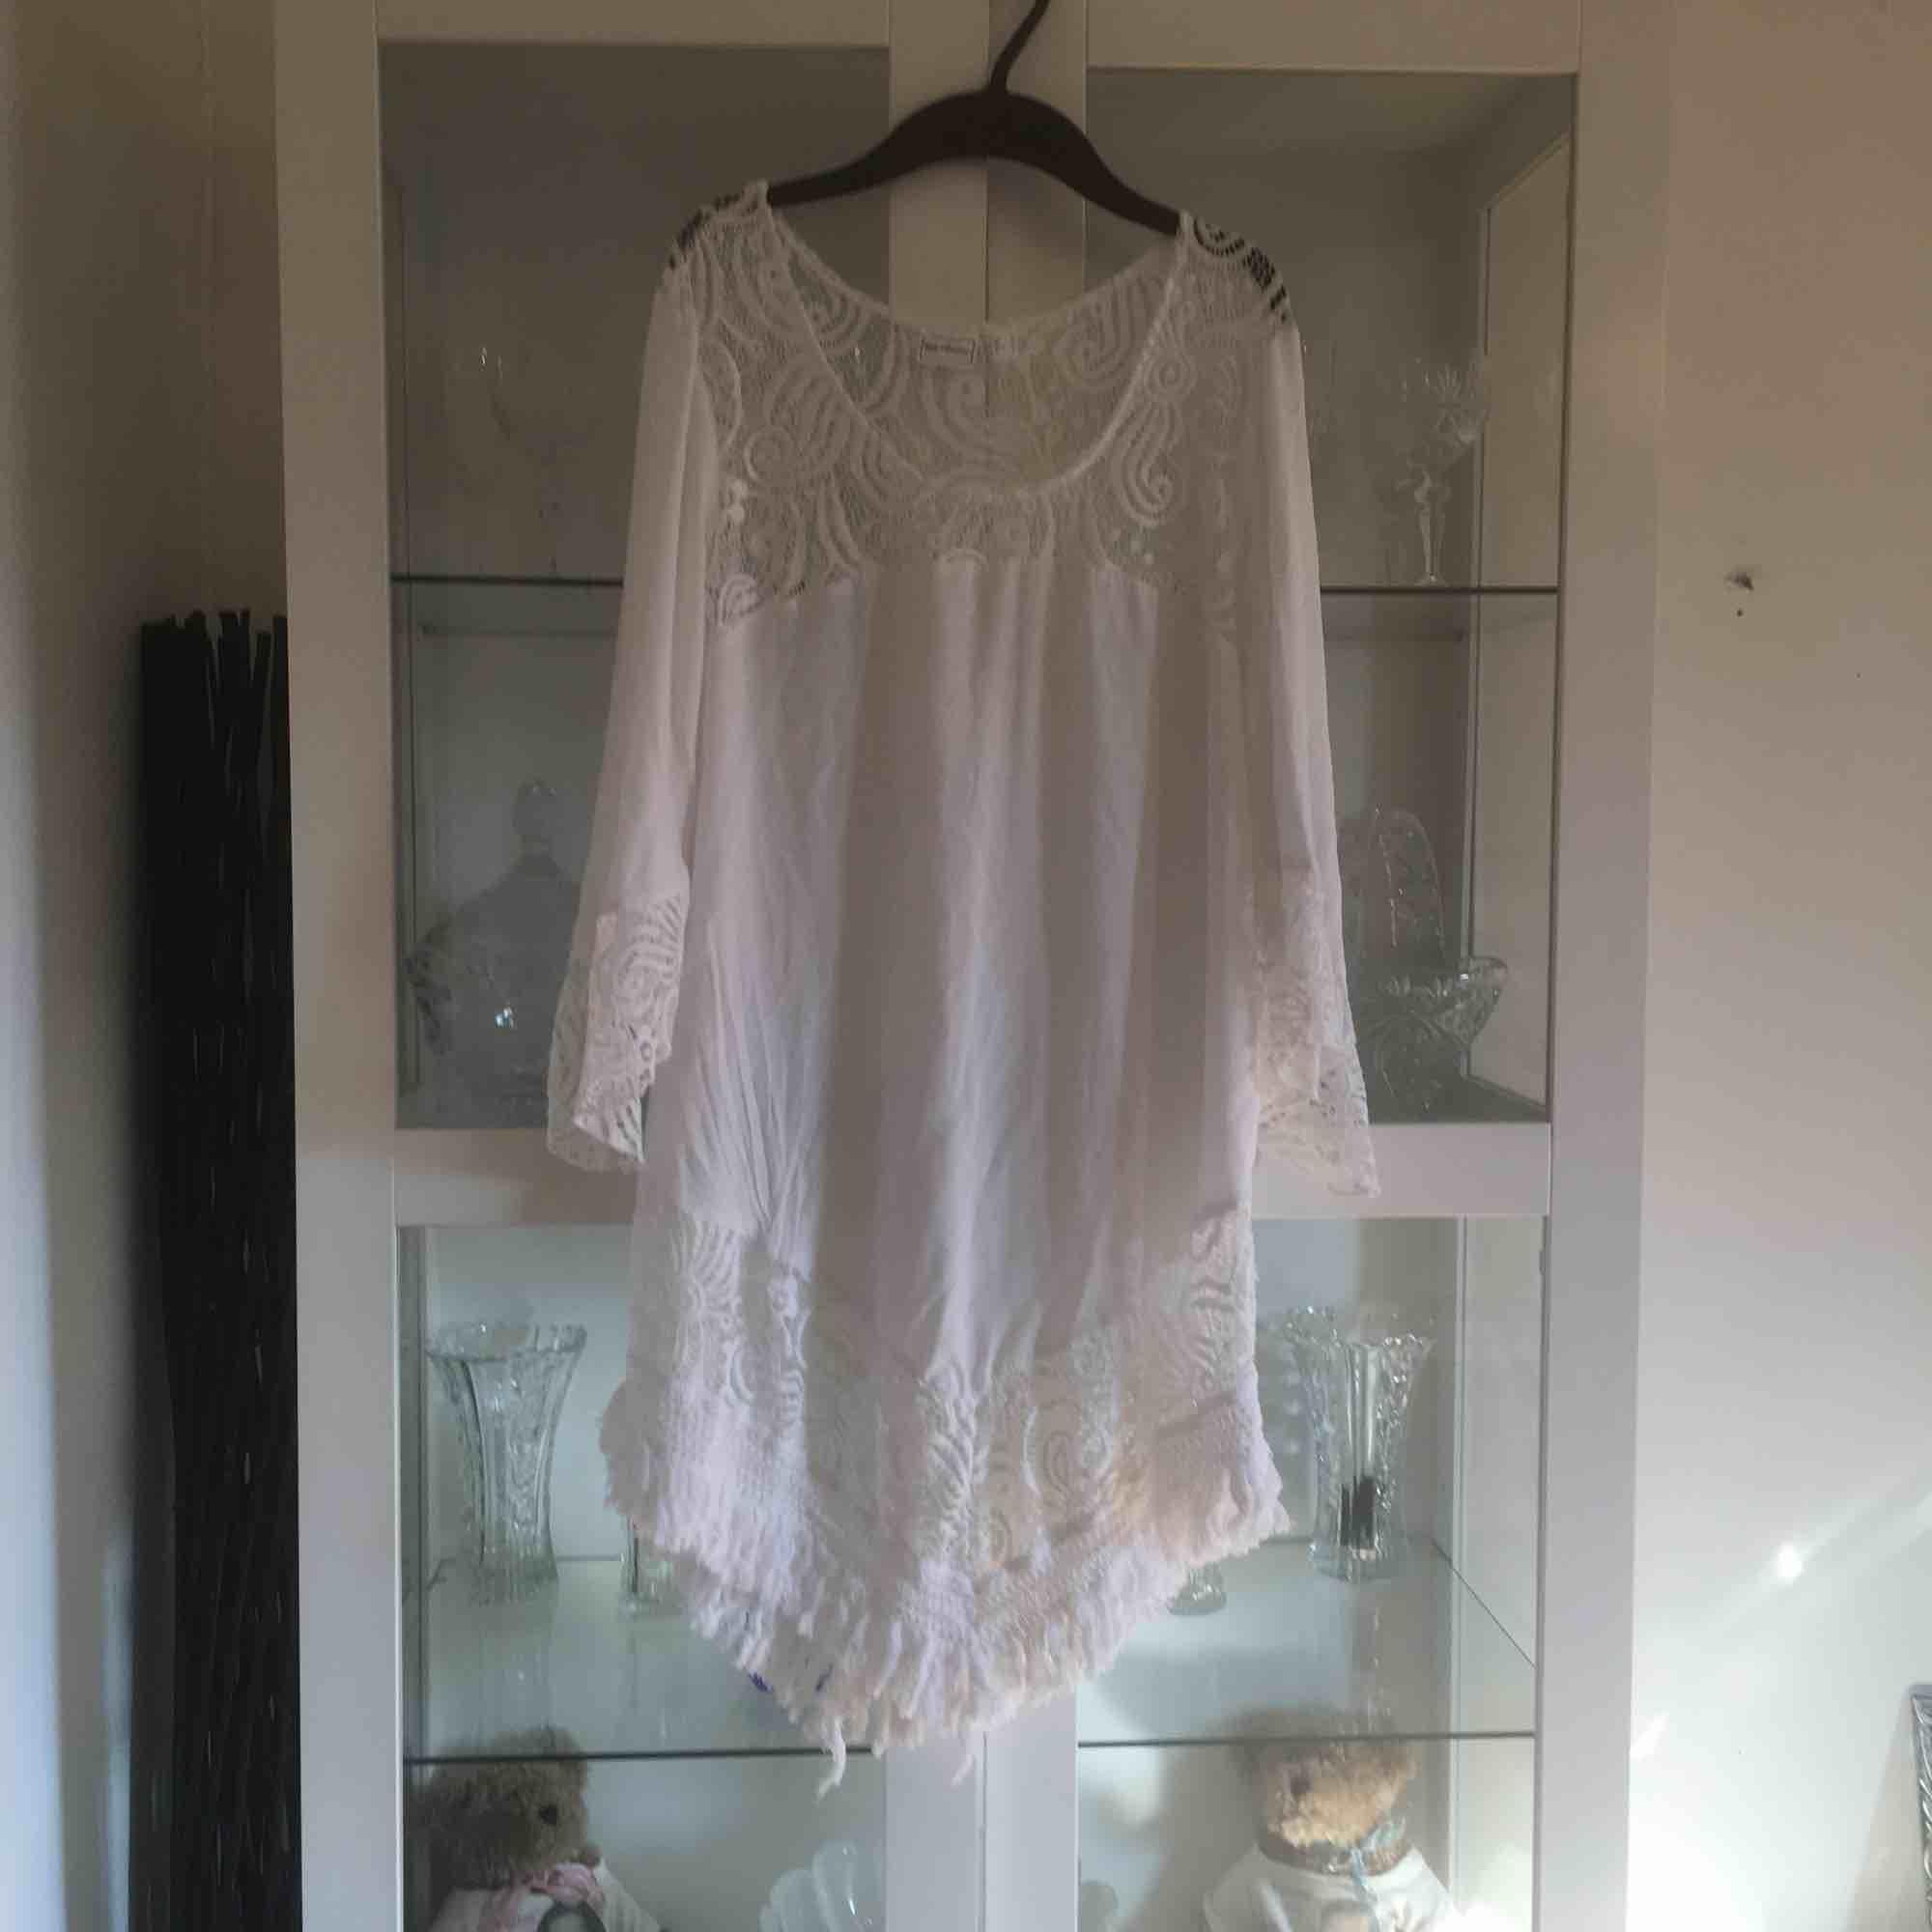 Snygg klänning - tunika eller strandkläning . Klänningar.